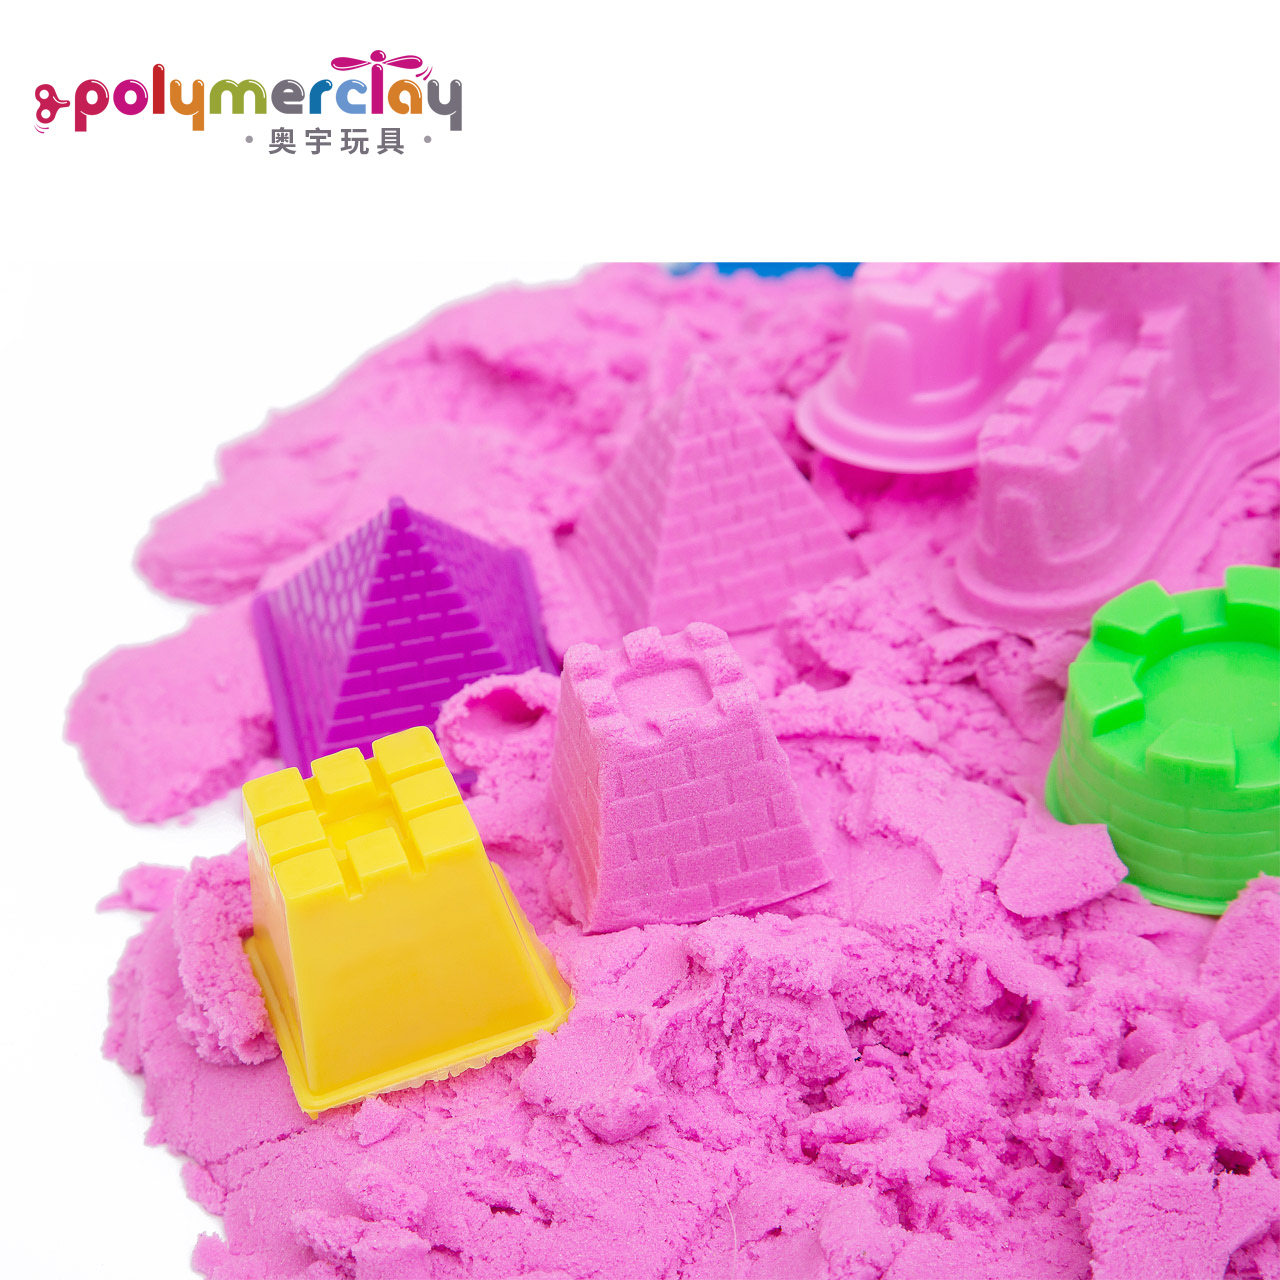 2斤太空玩具沙子 儿童魔力安全无毒套装男女孩粘土橡皮泥彩沙批发